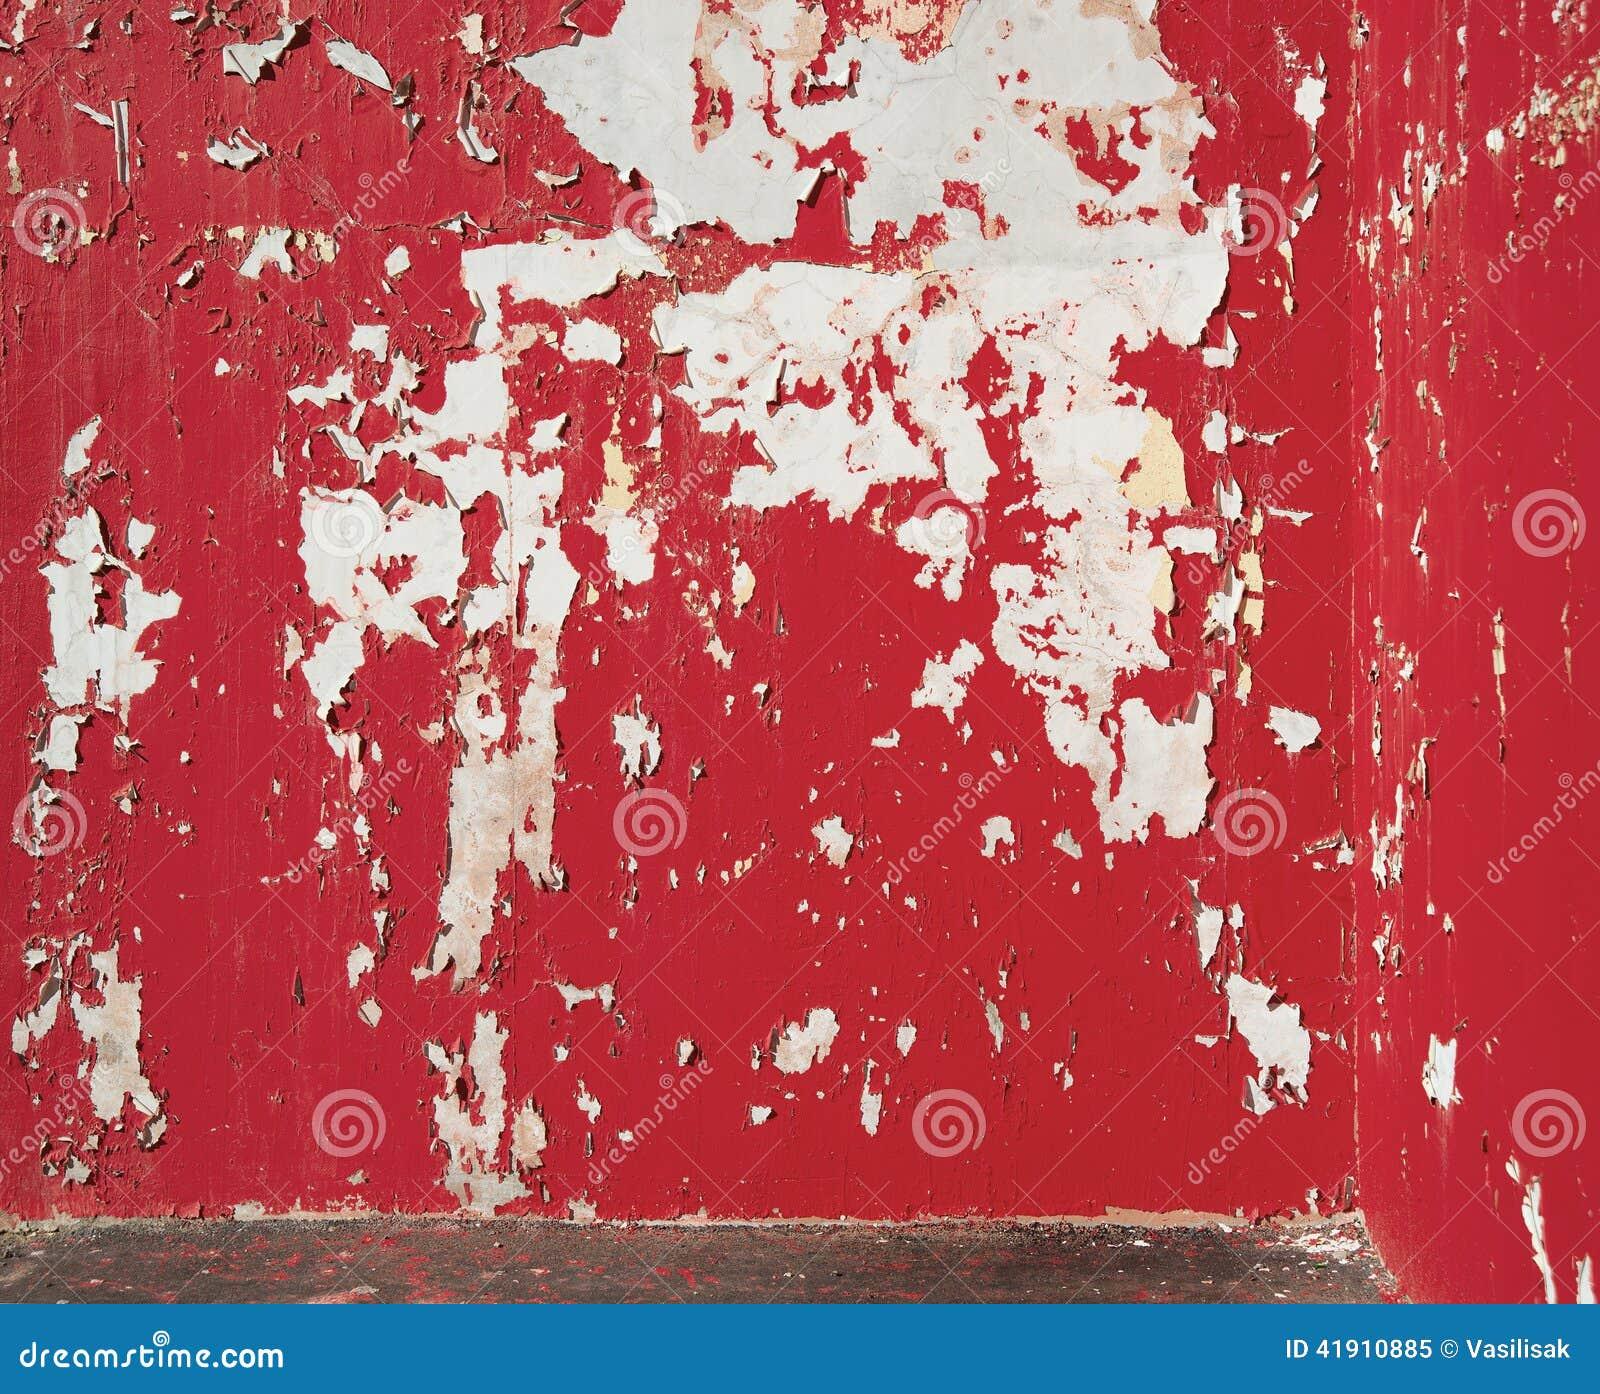 Hintergrund abgezogene rote Farbe auf der Wand